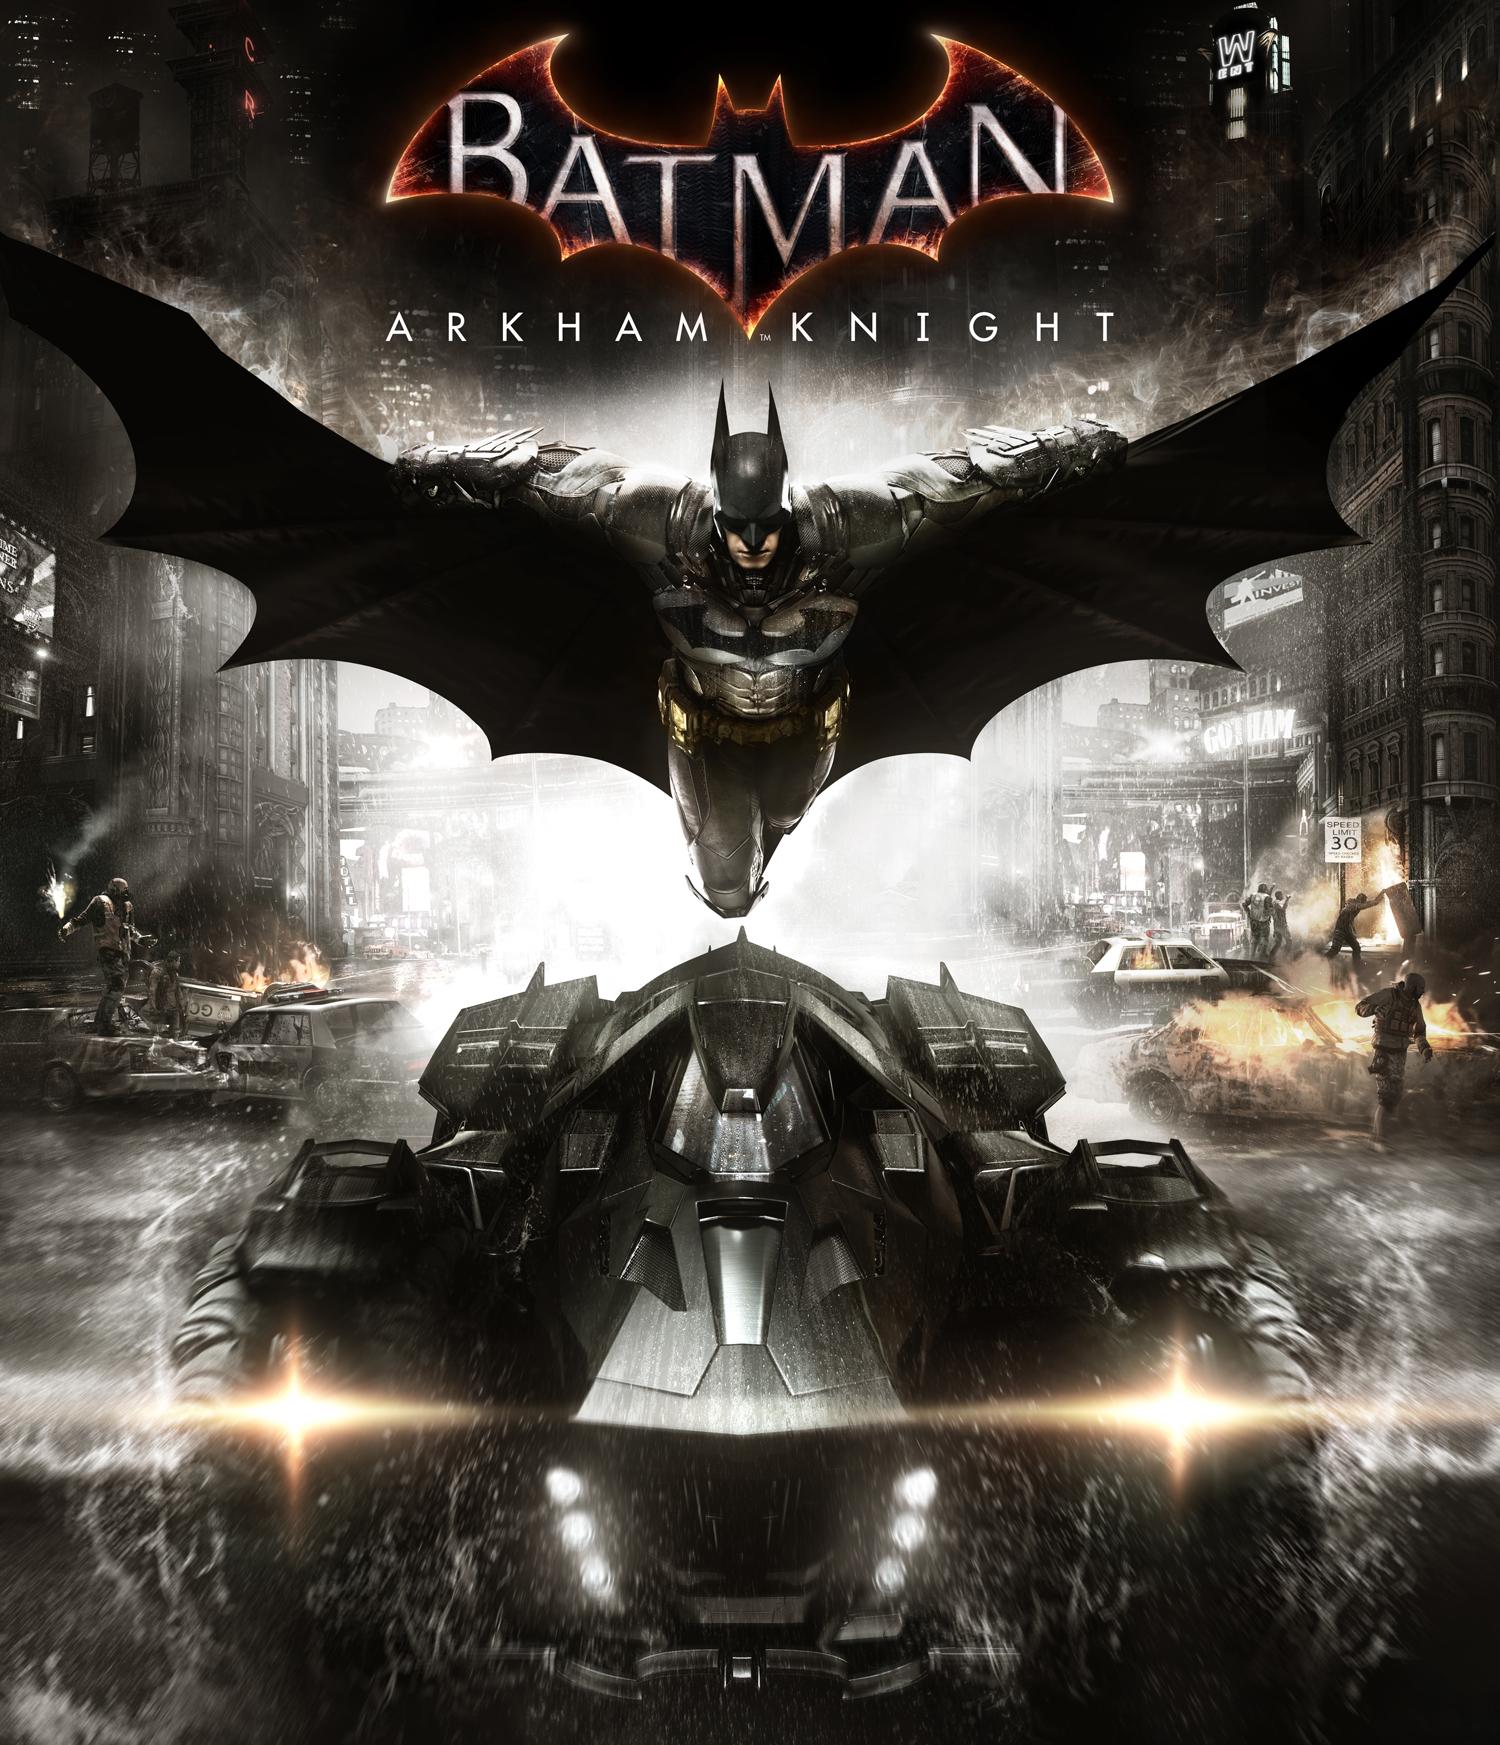 BatmanArkhamKnight3-gamezone